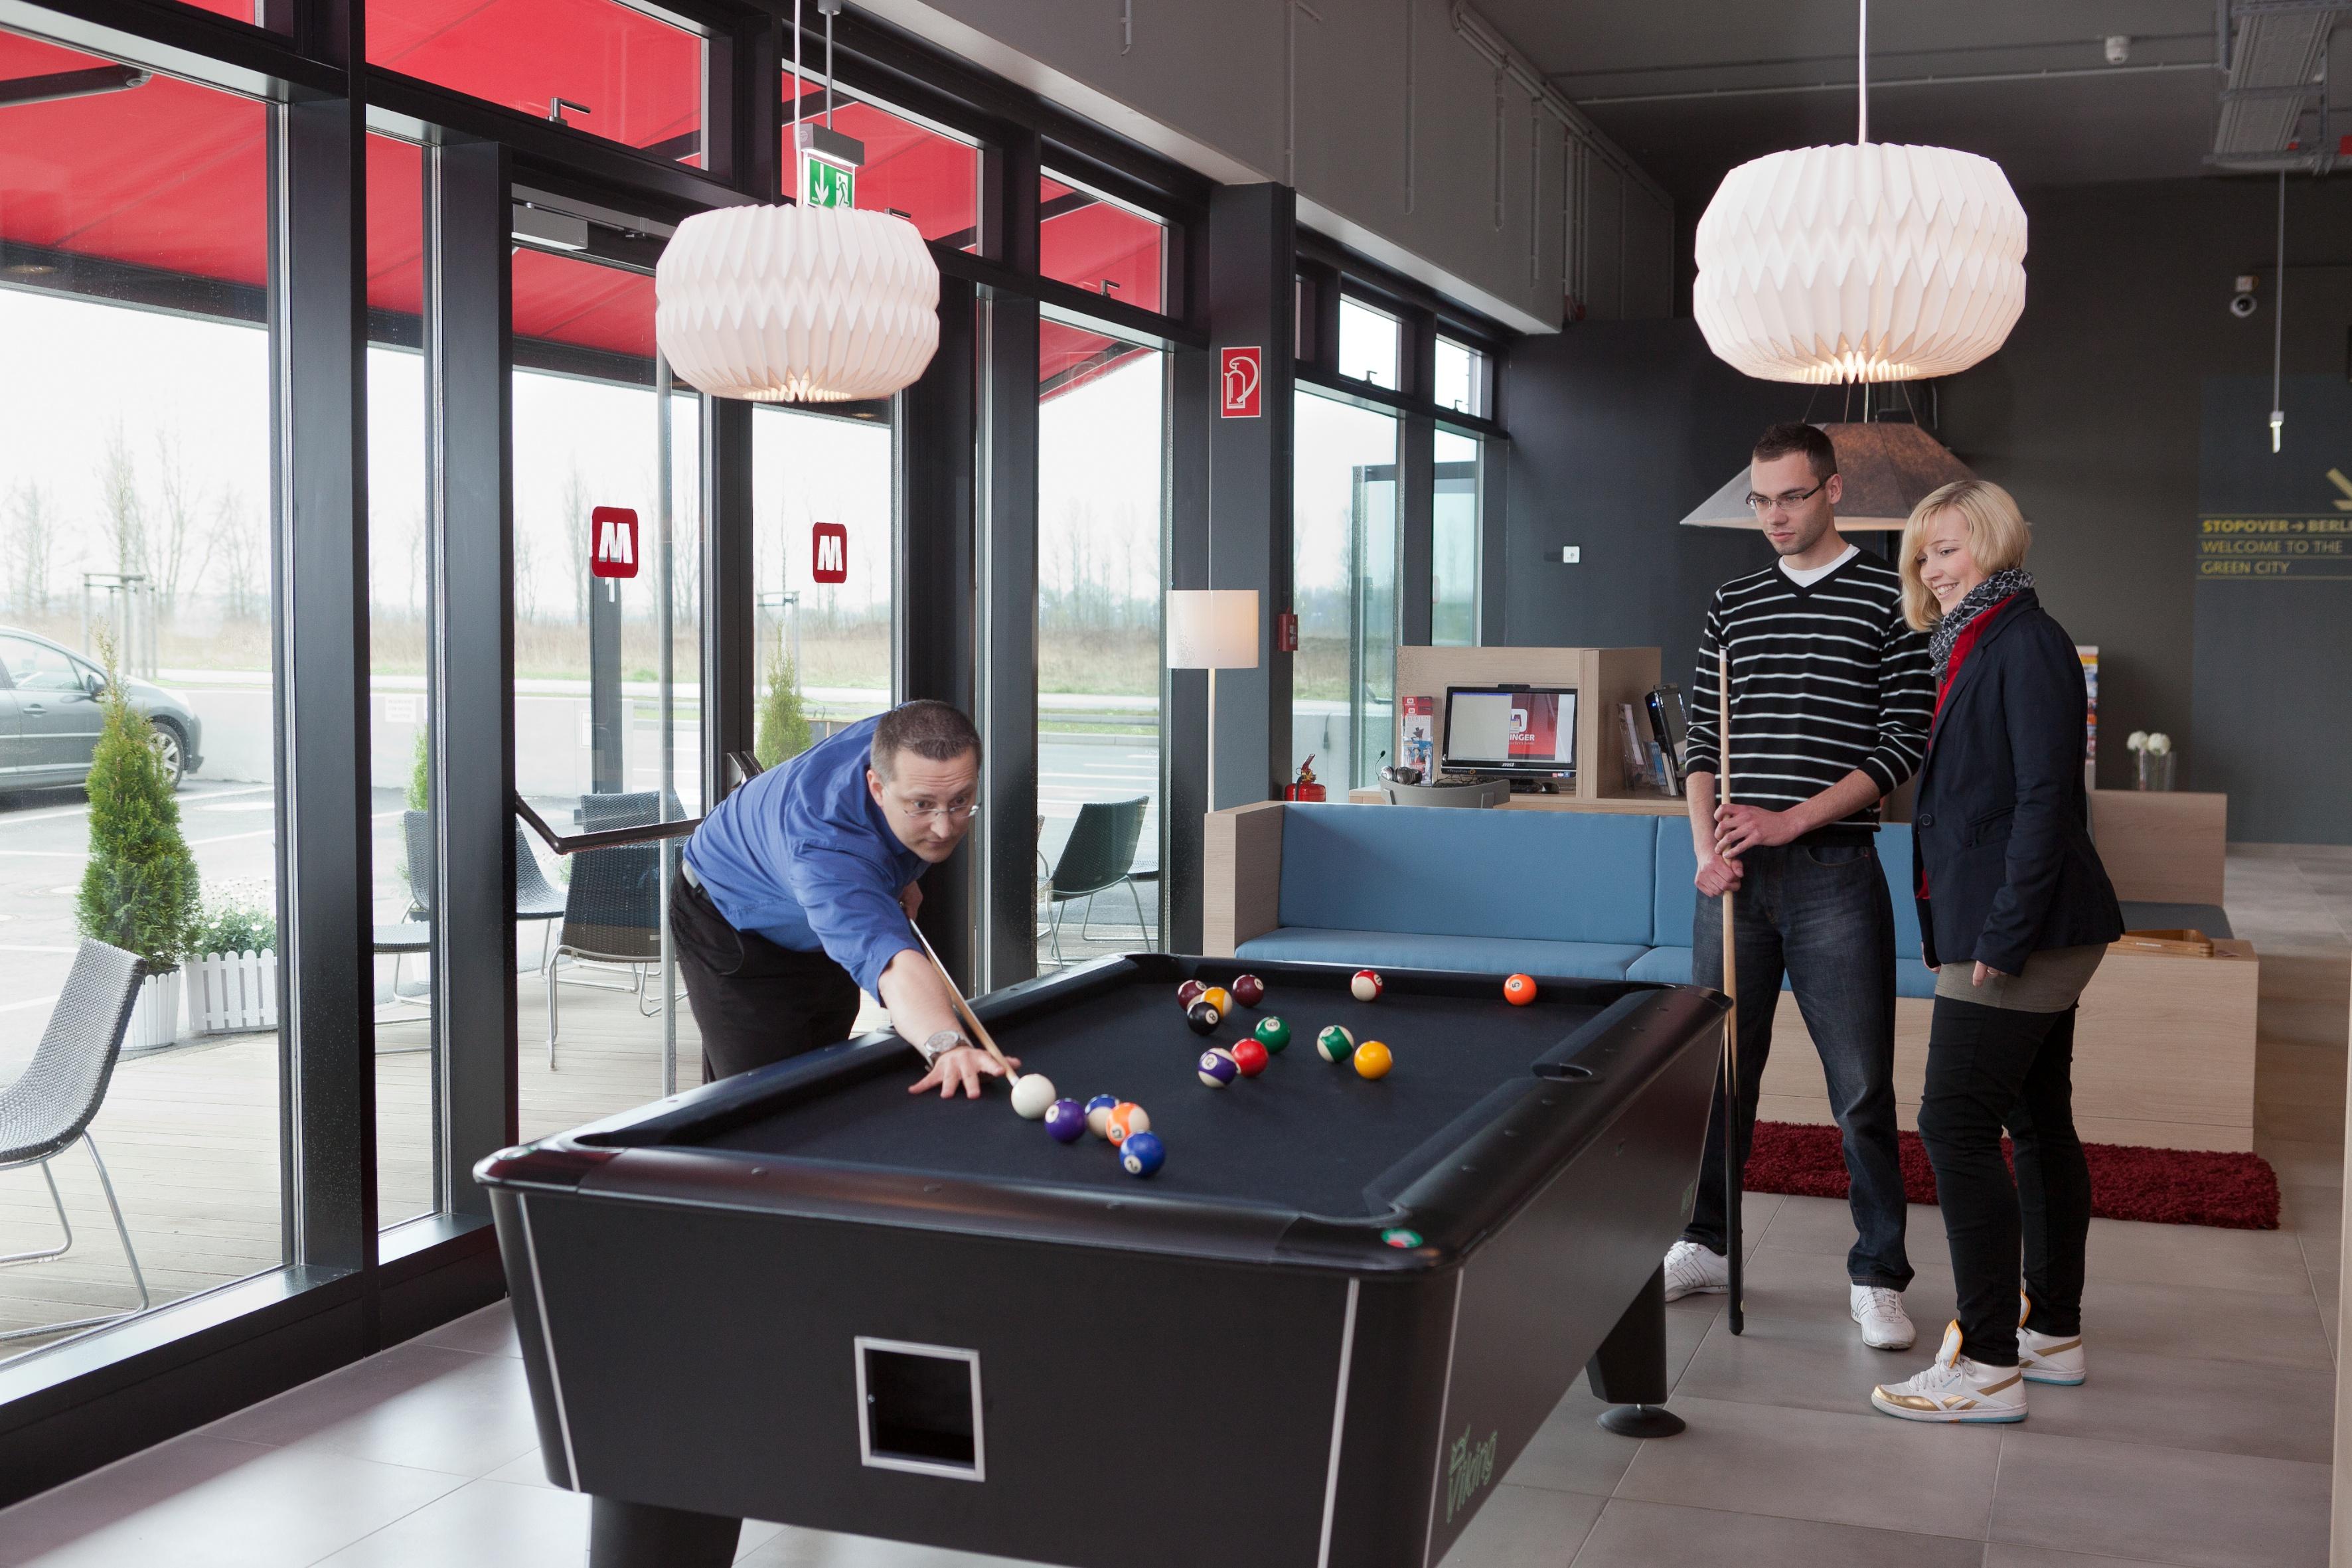 MEININGER Hotel Berlin Airport - Gamezone